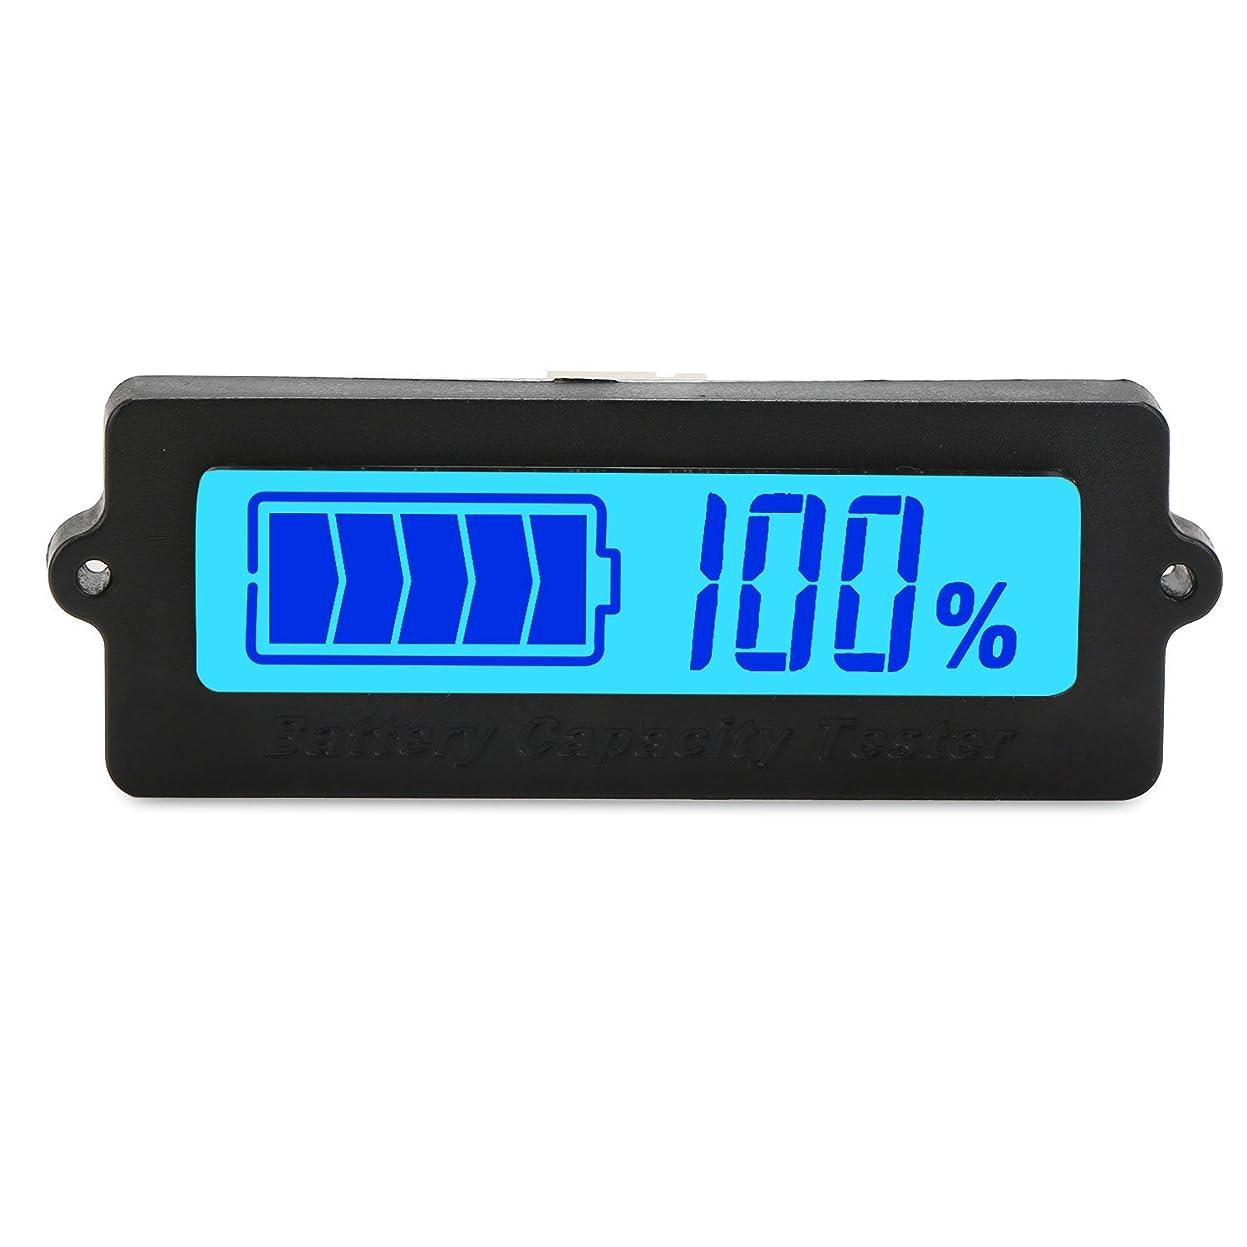 広く区画クラシックDC 8-63V青いLCDデジタルバッテリー容量テスター、12V / 24V / 36V / 48V鉛酸電池状態表示、リチウムイオンバッテリー電気量検出器、自動車車両自動バッテリーテスター